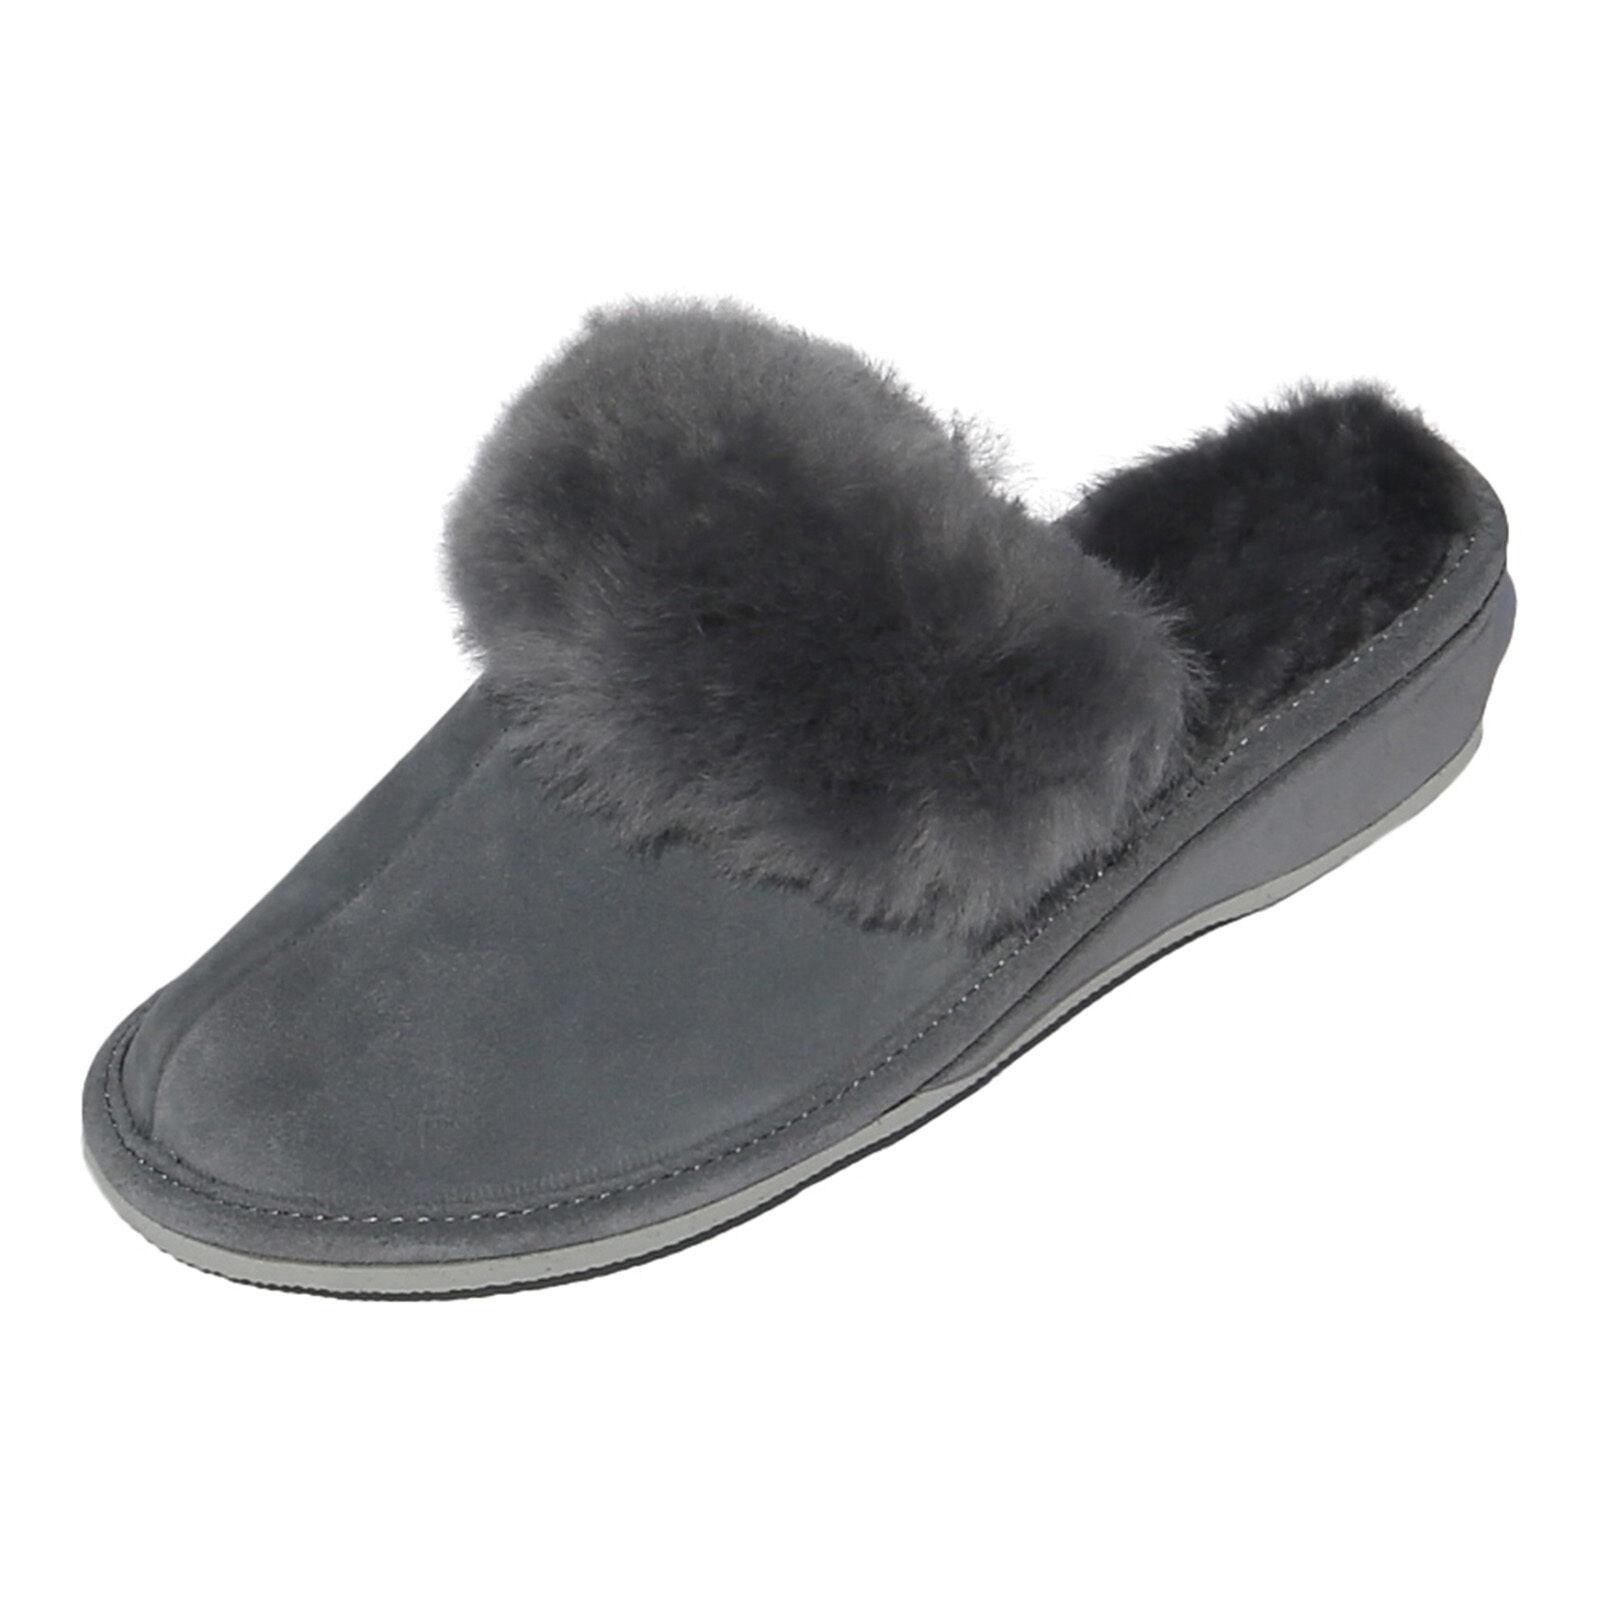 Pelle di Pecora Scarpe Pantofole Marocco Grigio Donna Scarpe Pecora Pelliccia 070e72